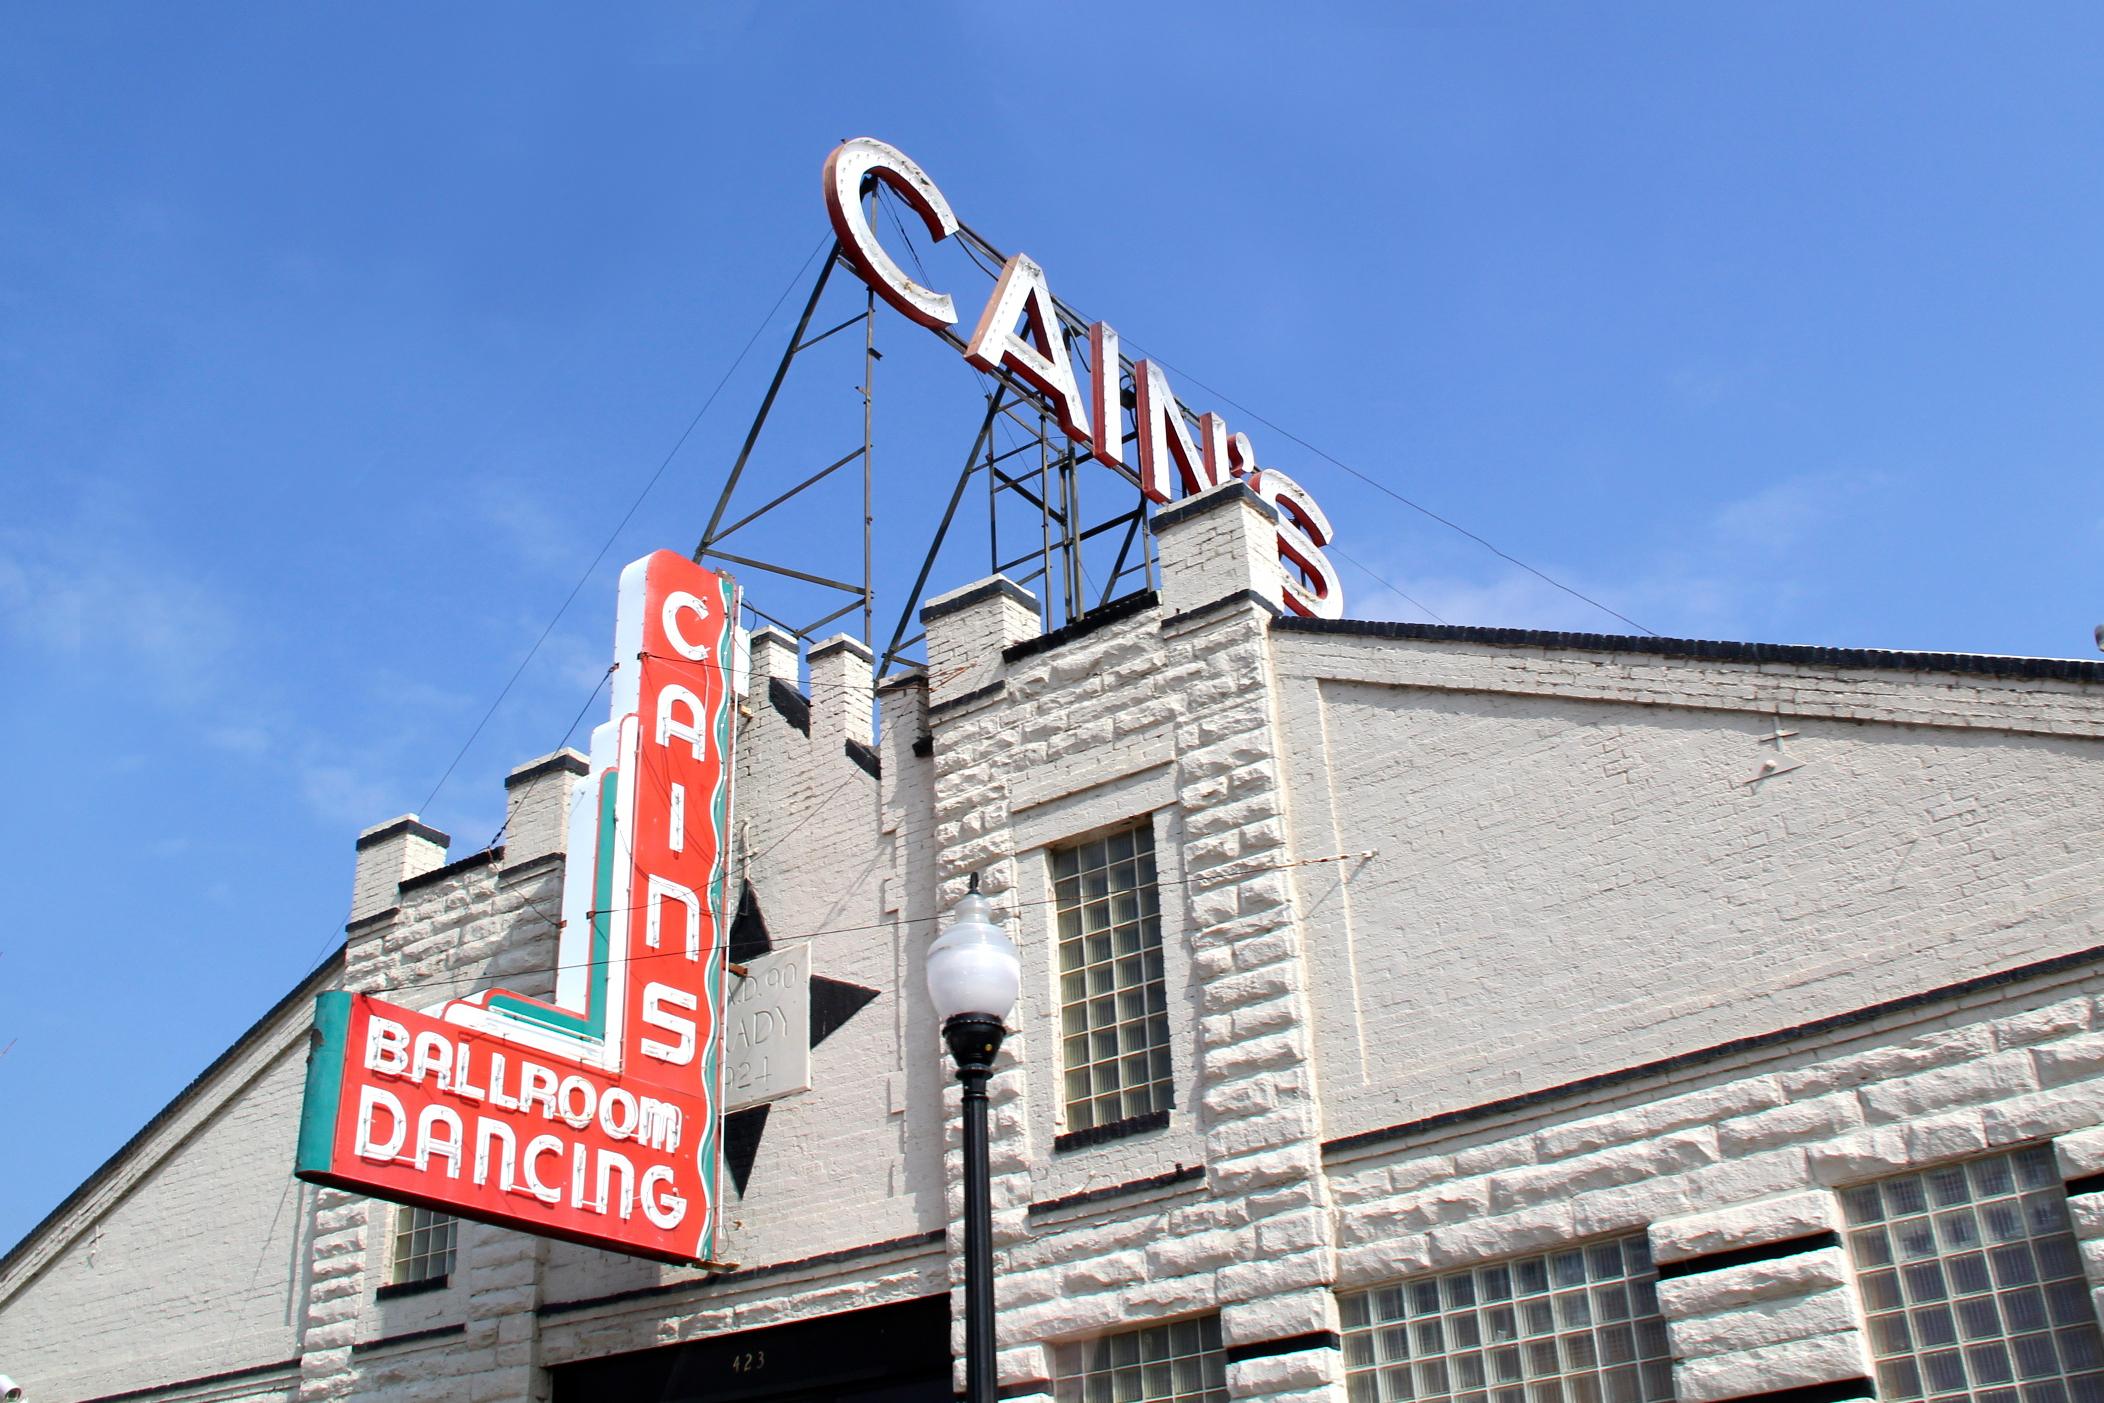 - Cain's Ballroom